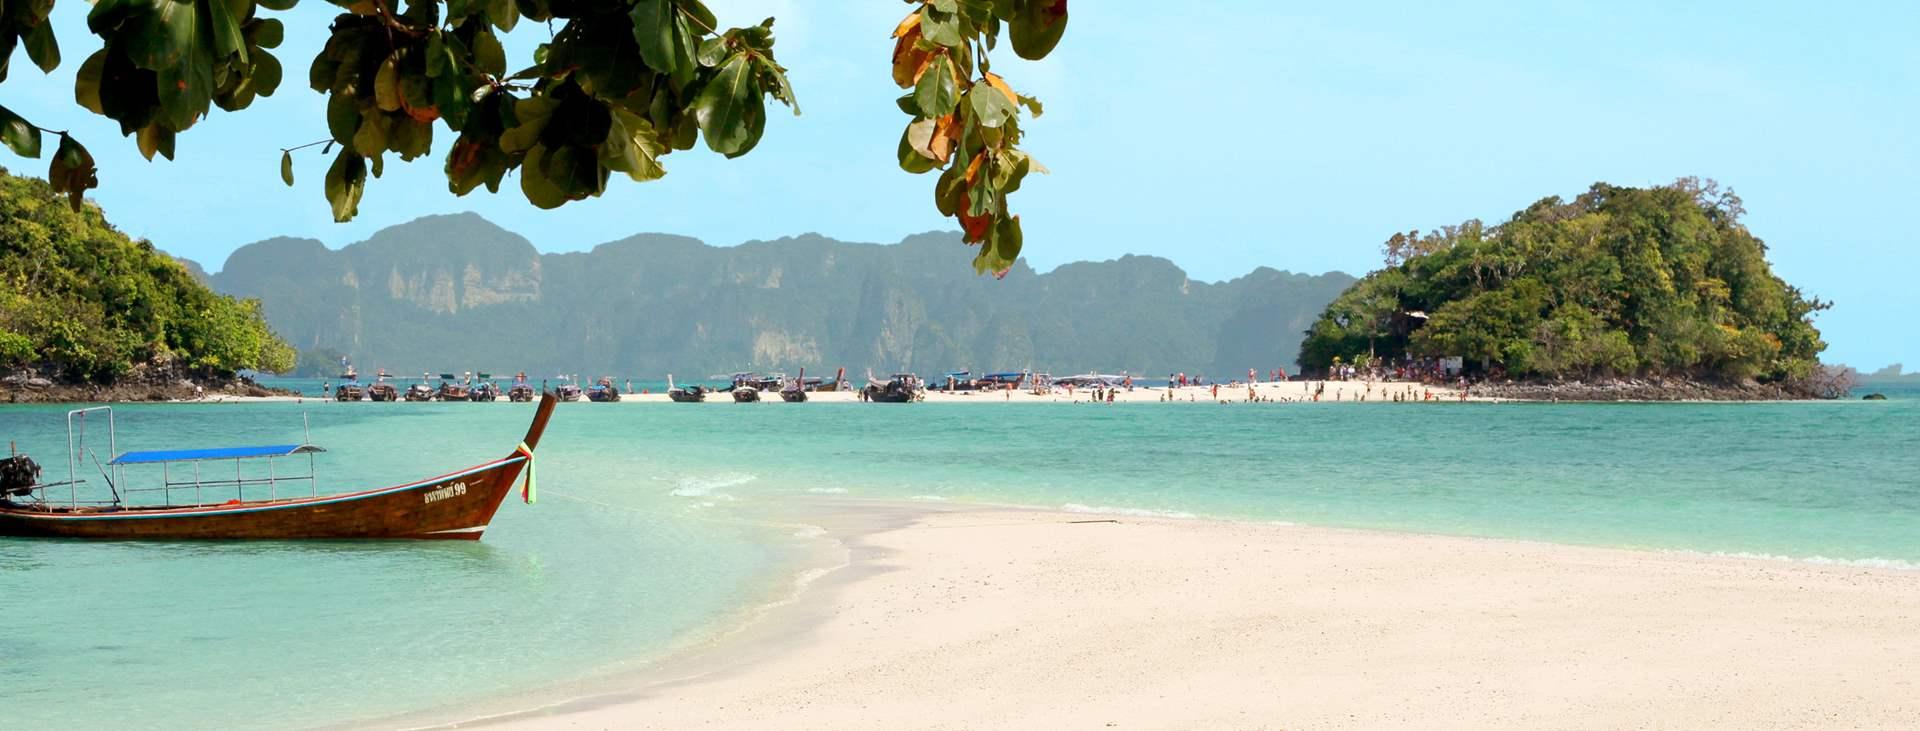 Boka din resa till Krabi i Thailand med Ving